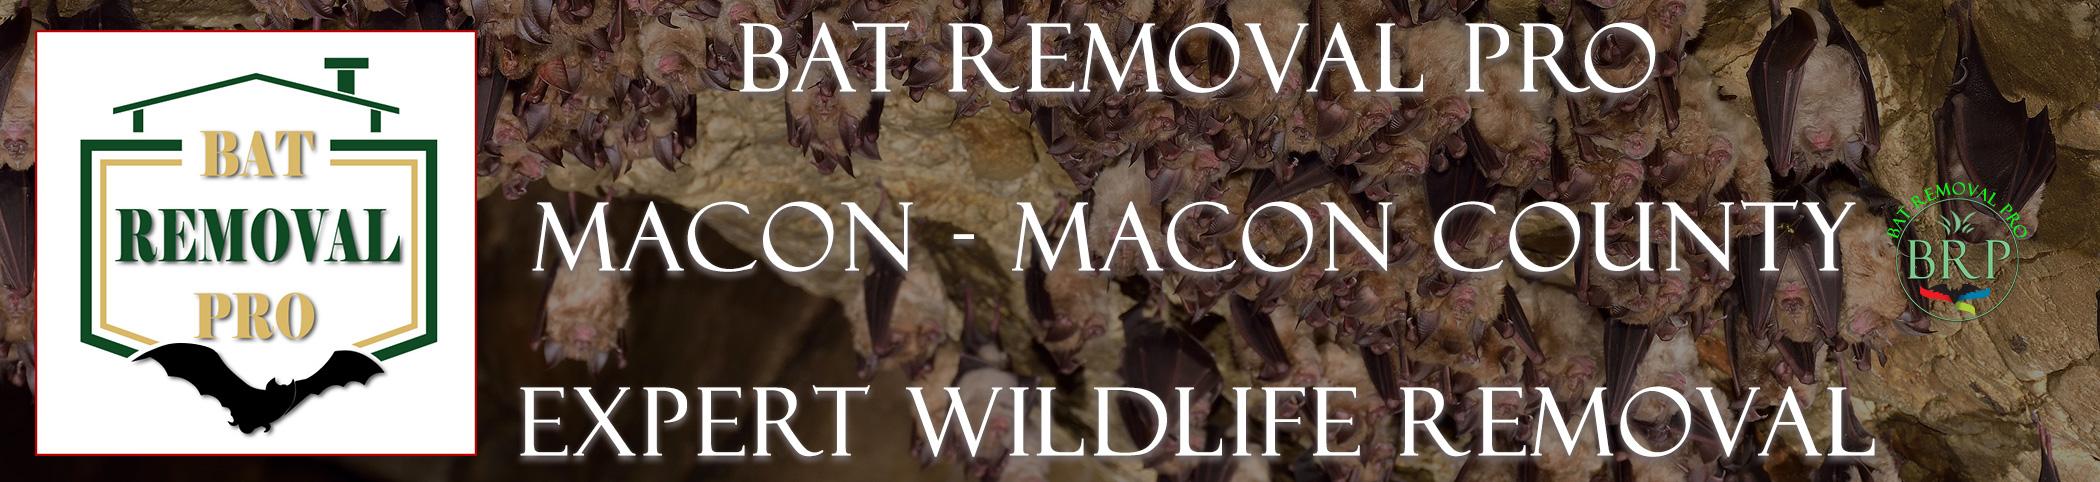 Macon-Macon-County-bat-removal-at-bat-removal-pro-header-image